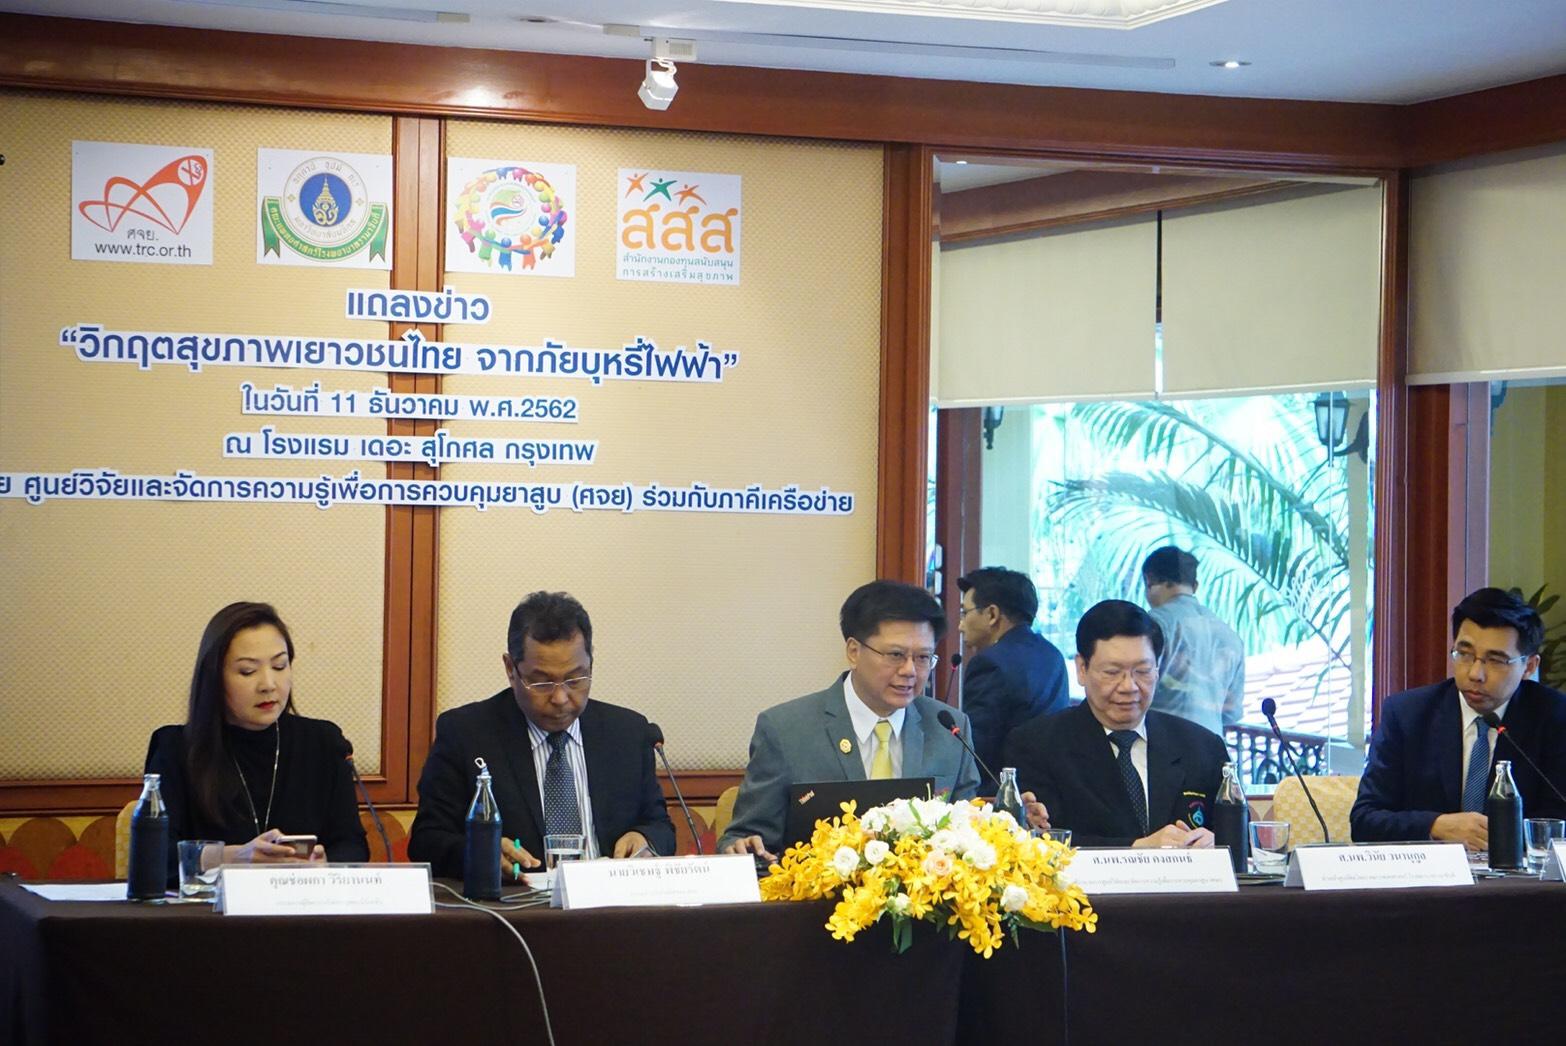 """เร่งทำระบบแจ้งเหตุป่วยจาก """"บุหรี่ไฟฟ้า"""" ครั้งแรกในไทย ห่วงเยาวชน 1 ใน 3 อยากลอง เชื่อไม่อันตราย เผยทั่วโลกดับแล้ว 48 ศพ"""